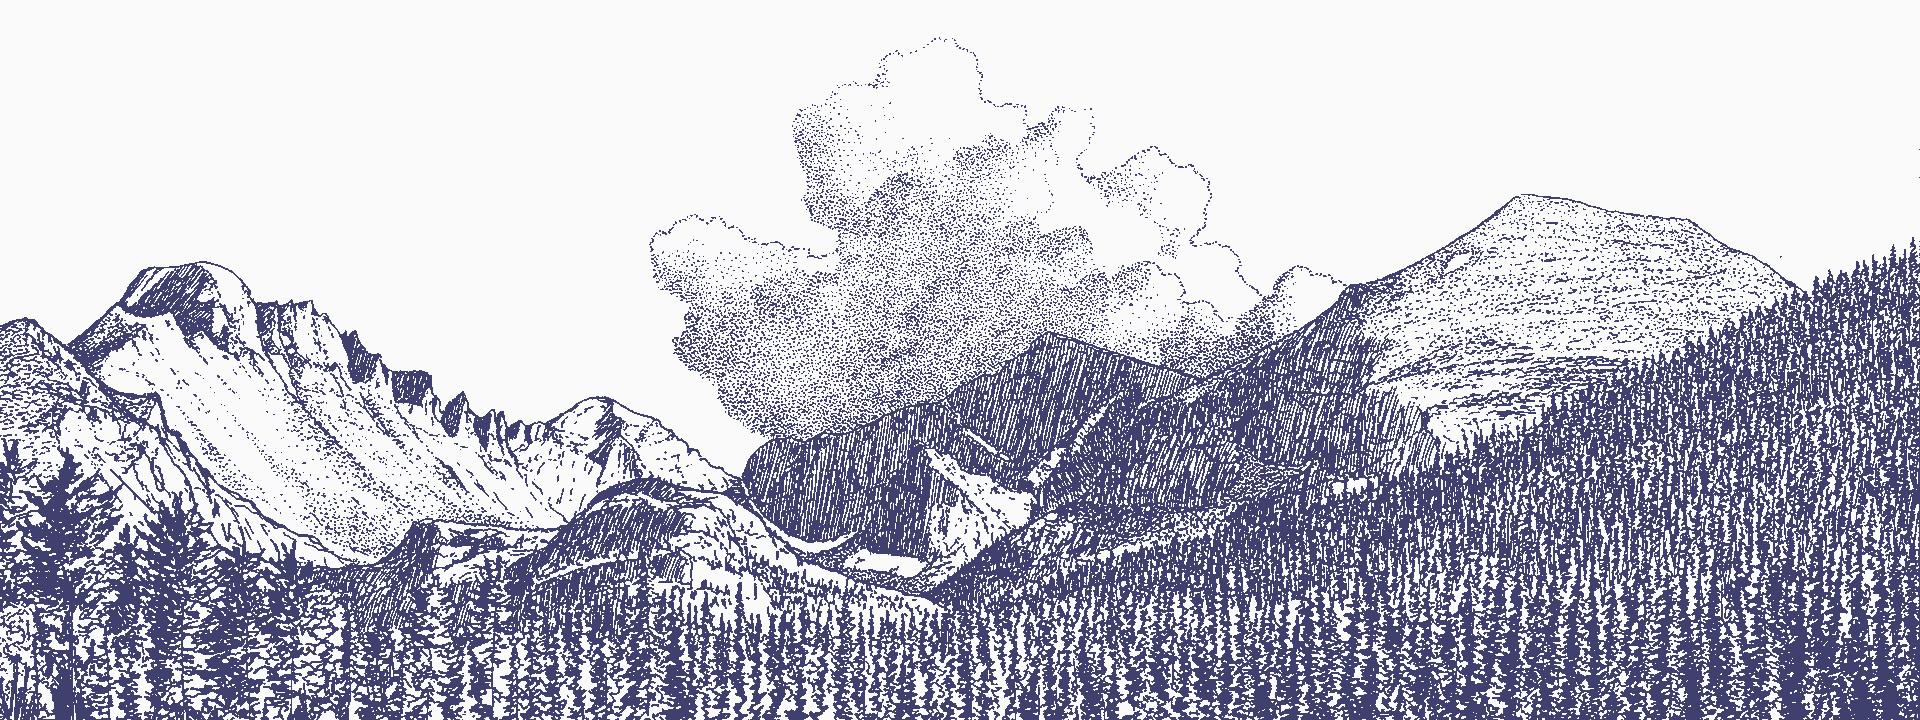 Mountains illustration